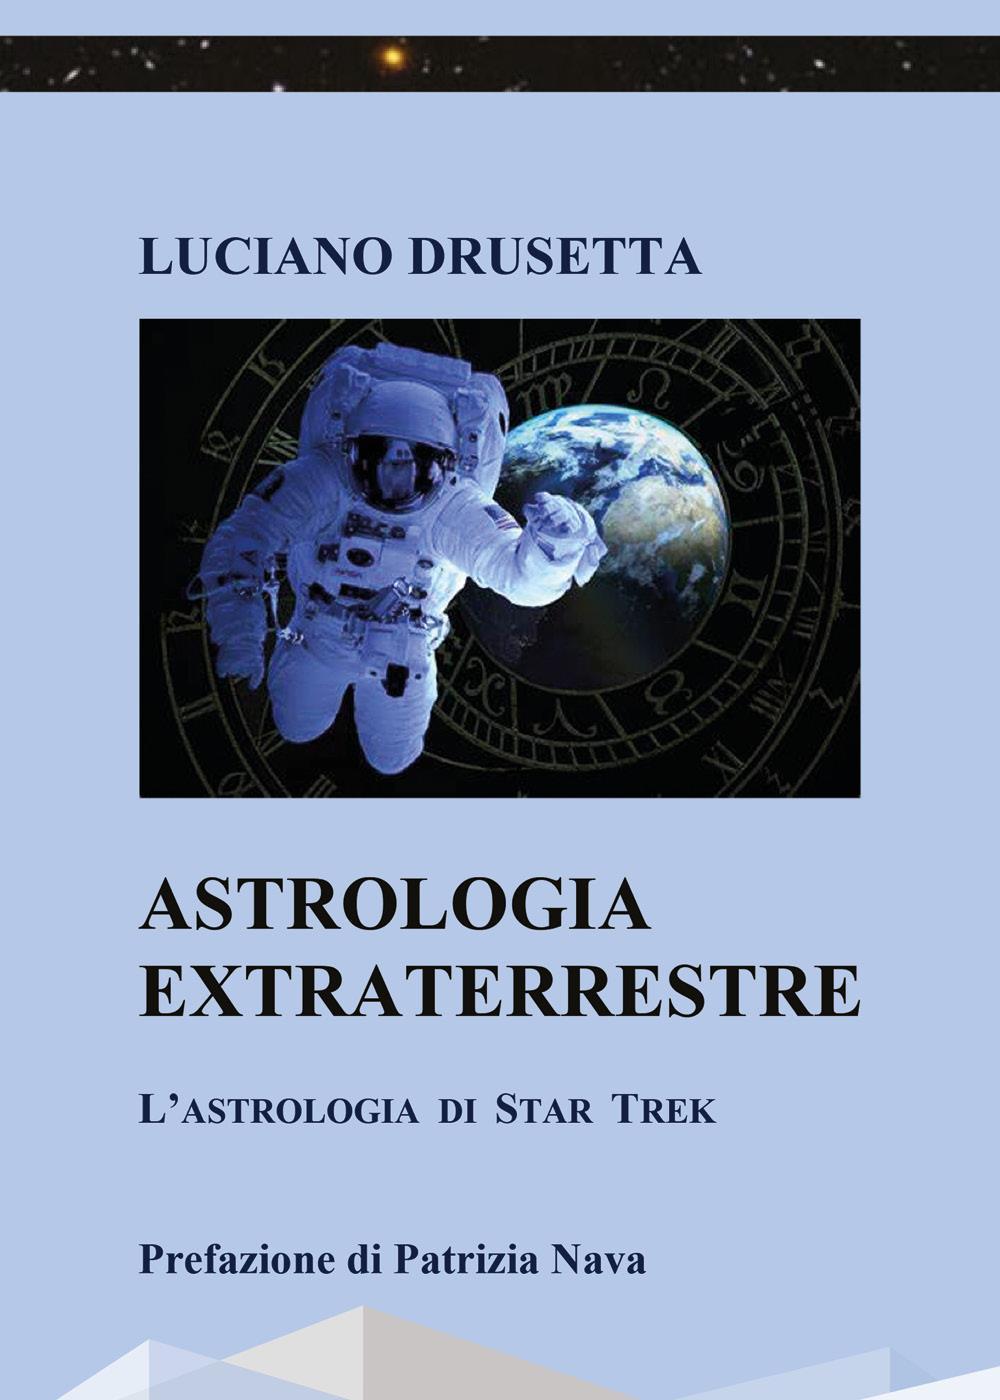 Astrologia Extraterrestre - L'Astrologia di Star Trek